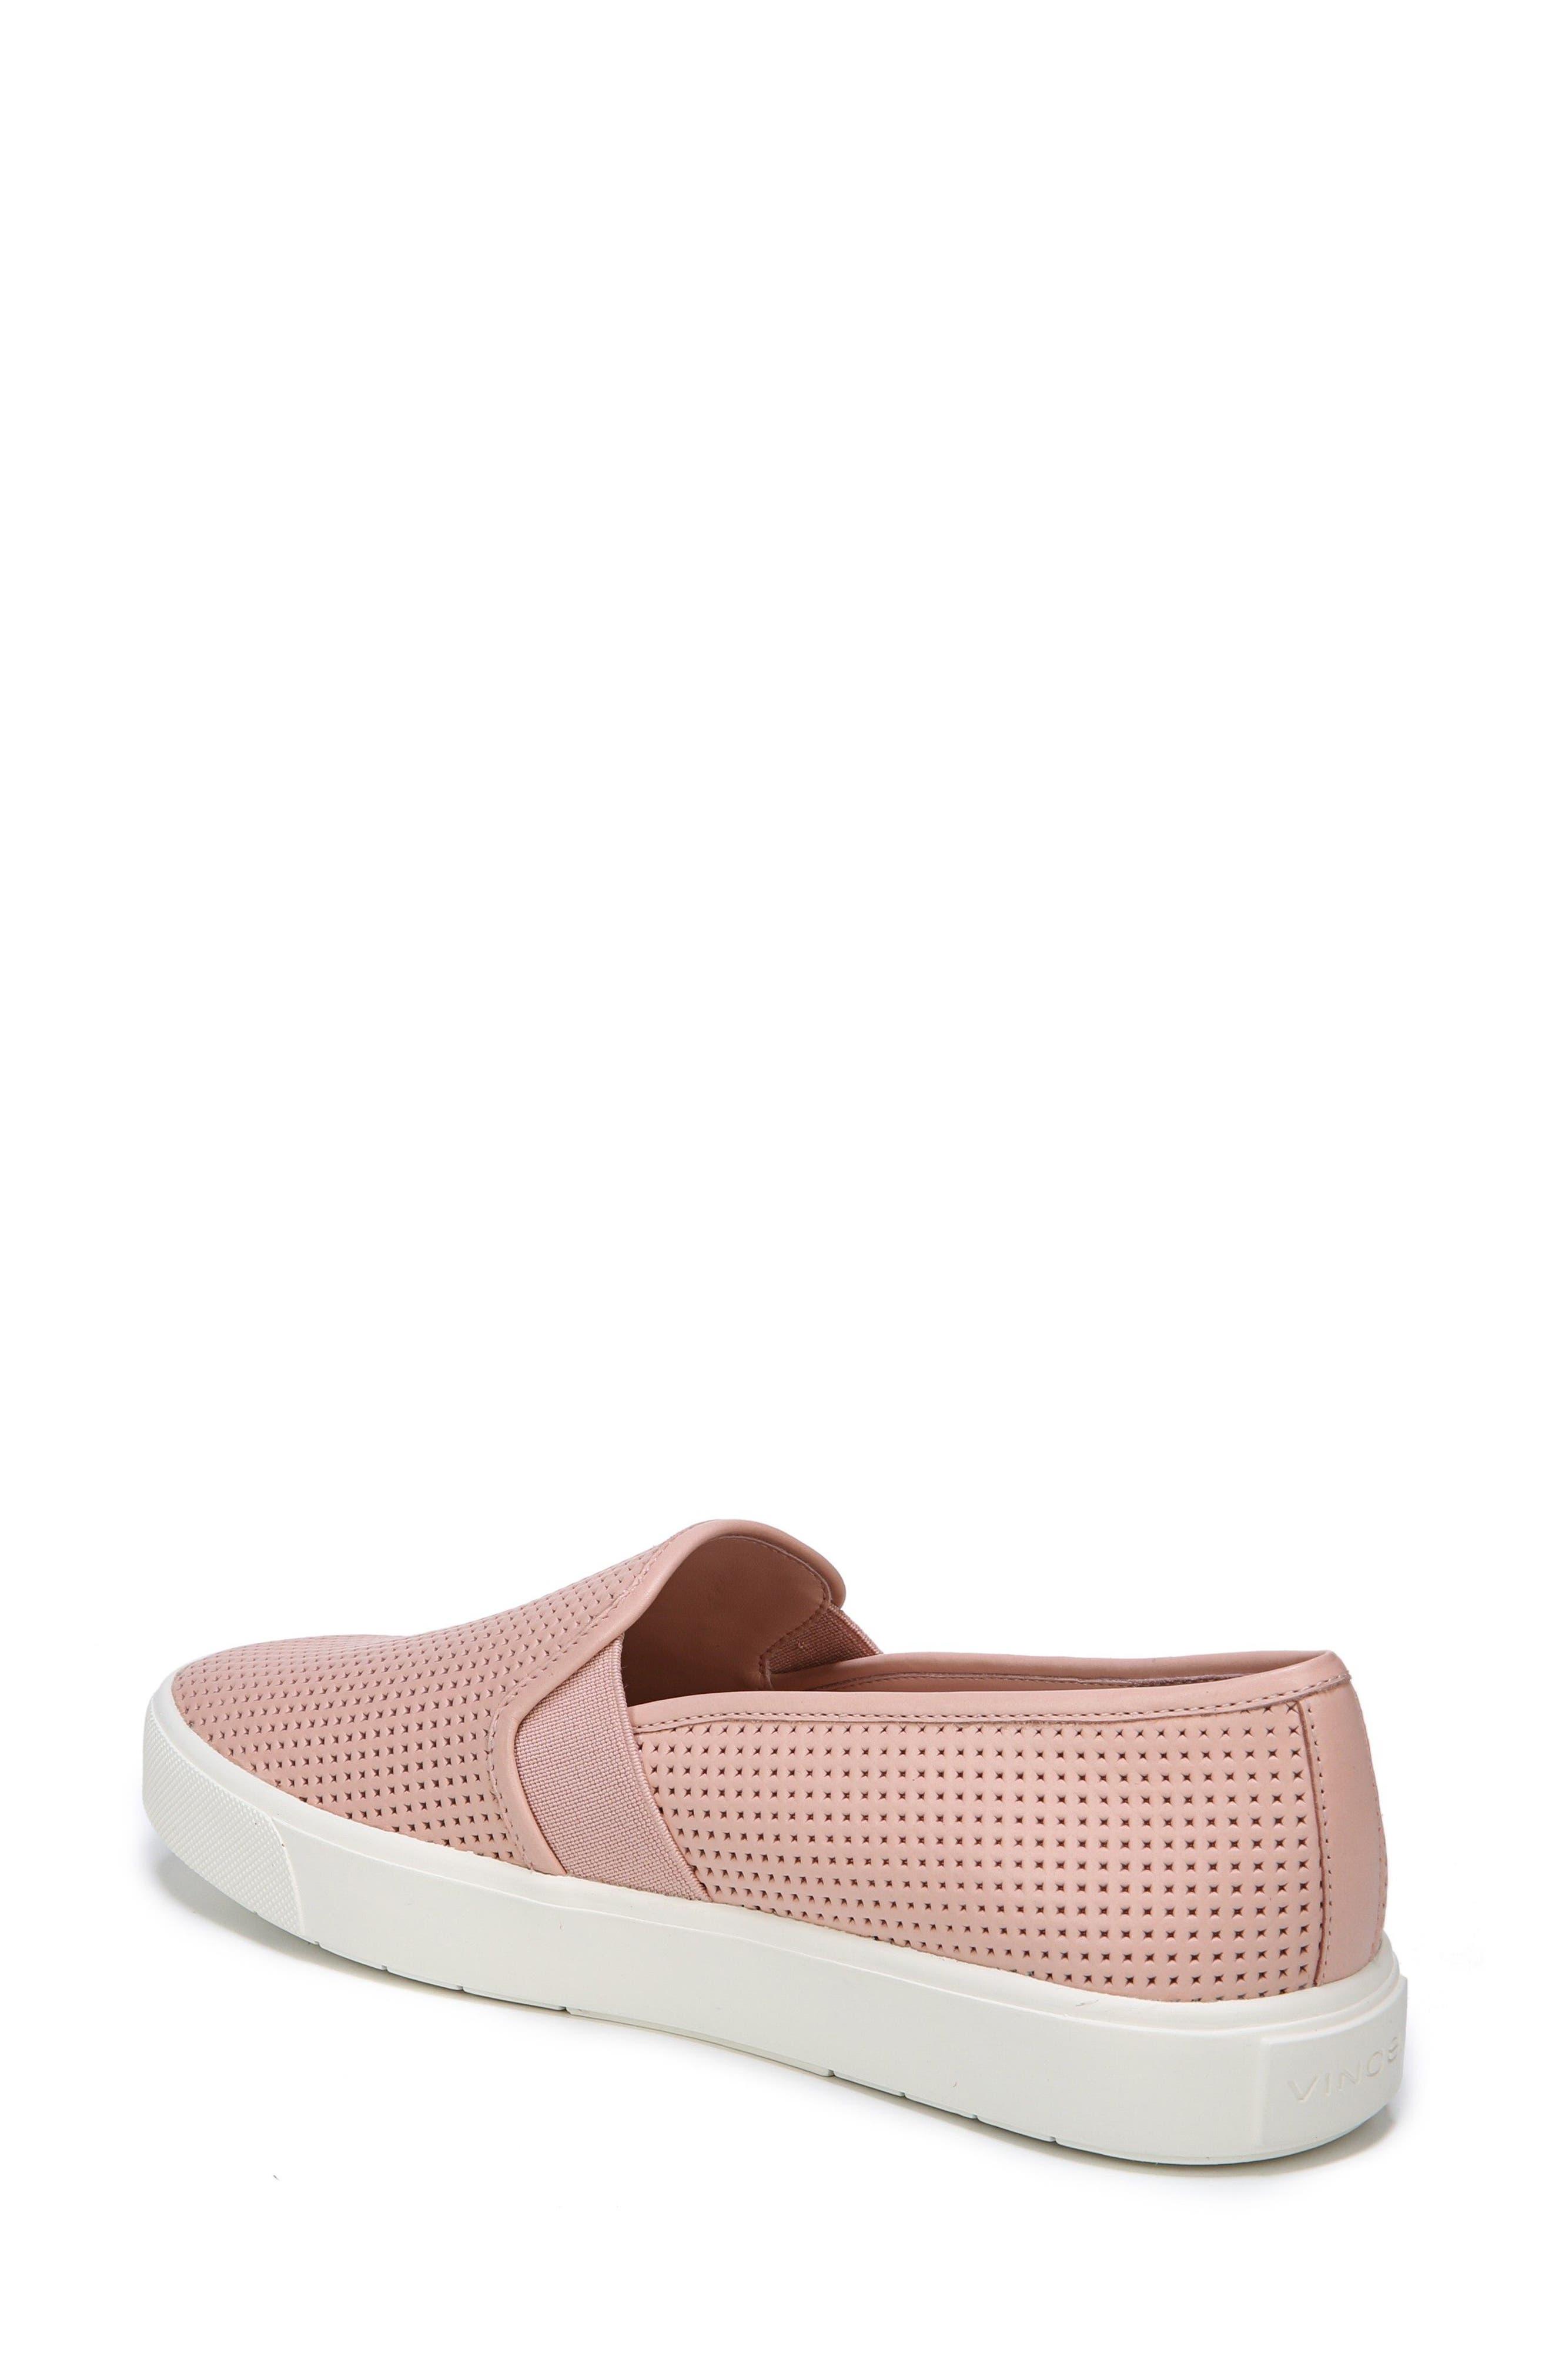 Alternate Image 2  - Vince Blair 5 Slip-On Sneaker (Women)